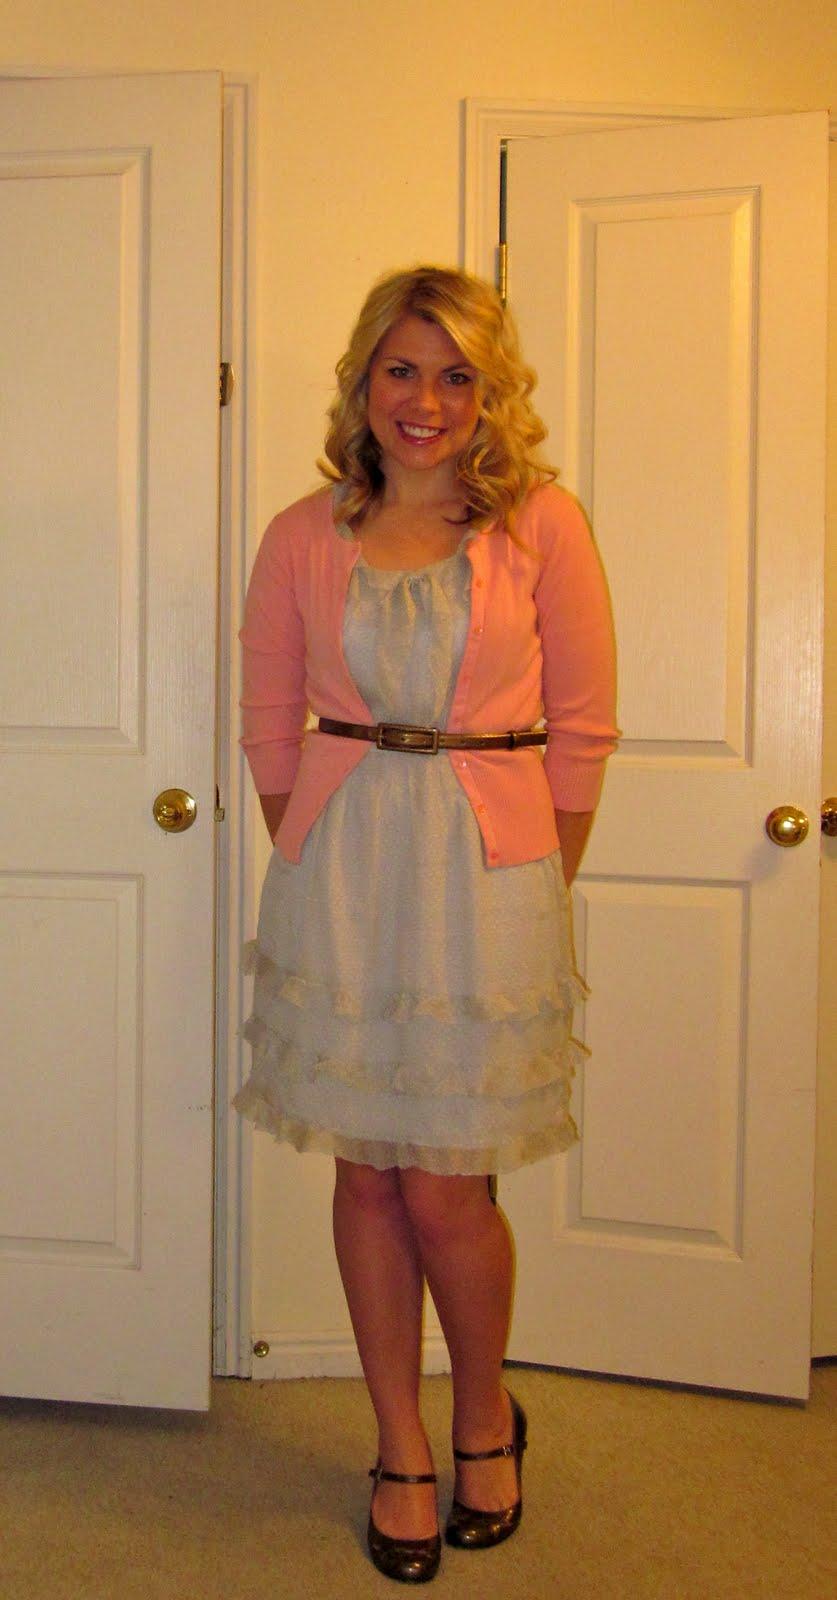 How to dress like a teacher